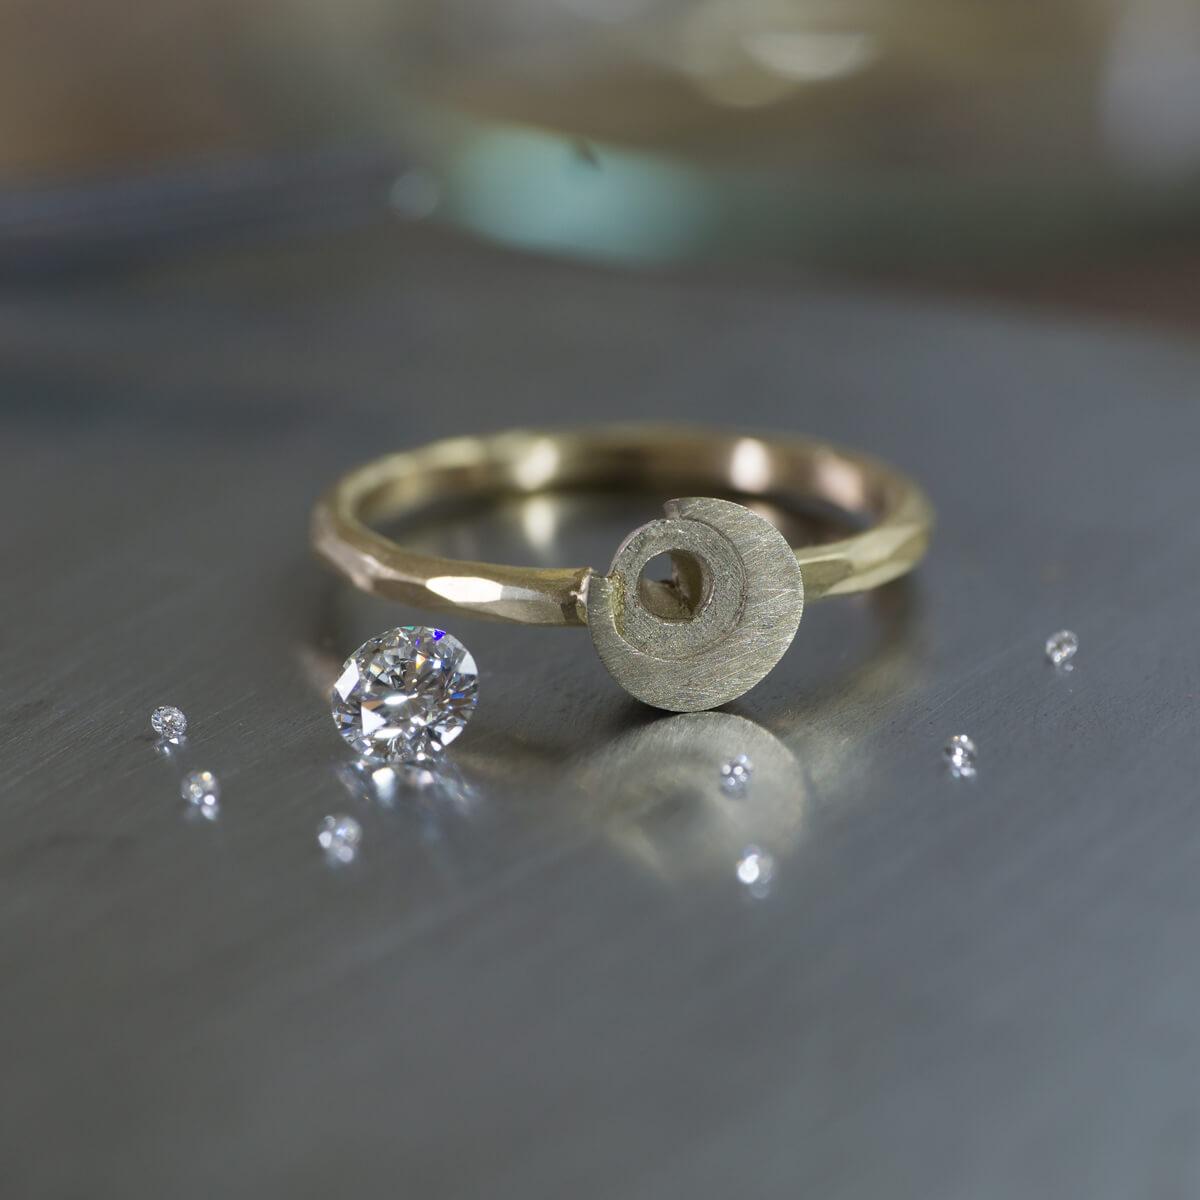 オーダーメイドマリッジリングの制作風景 ジュエリーのアトリエ 屋久島の月モチーフ ゴールド、ダイヤモンド 屋久島でつくる結婚指輪